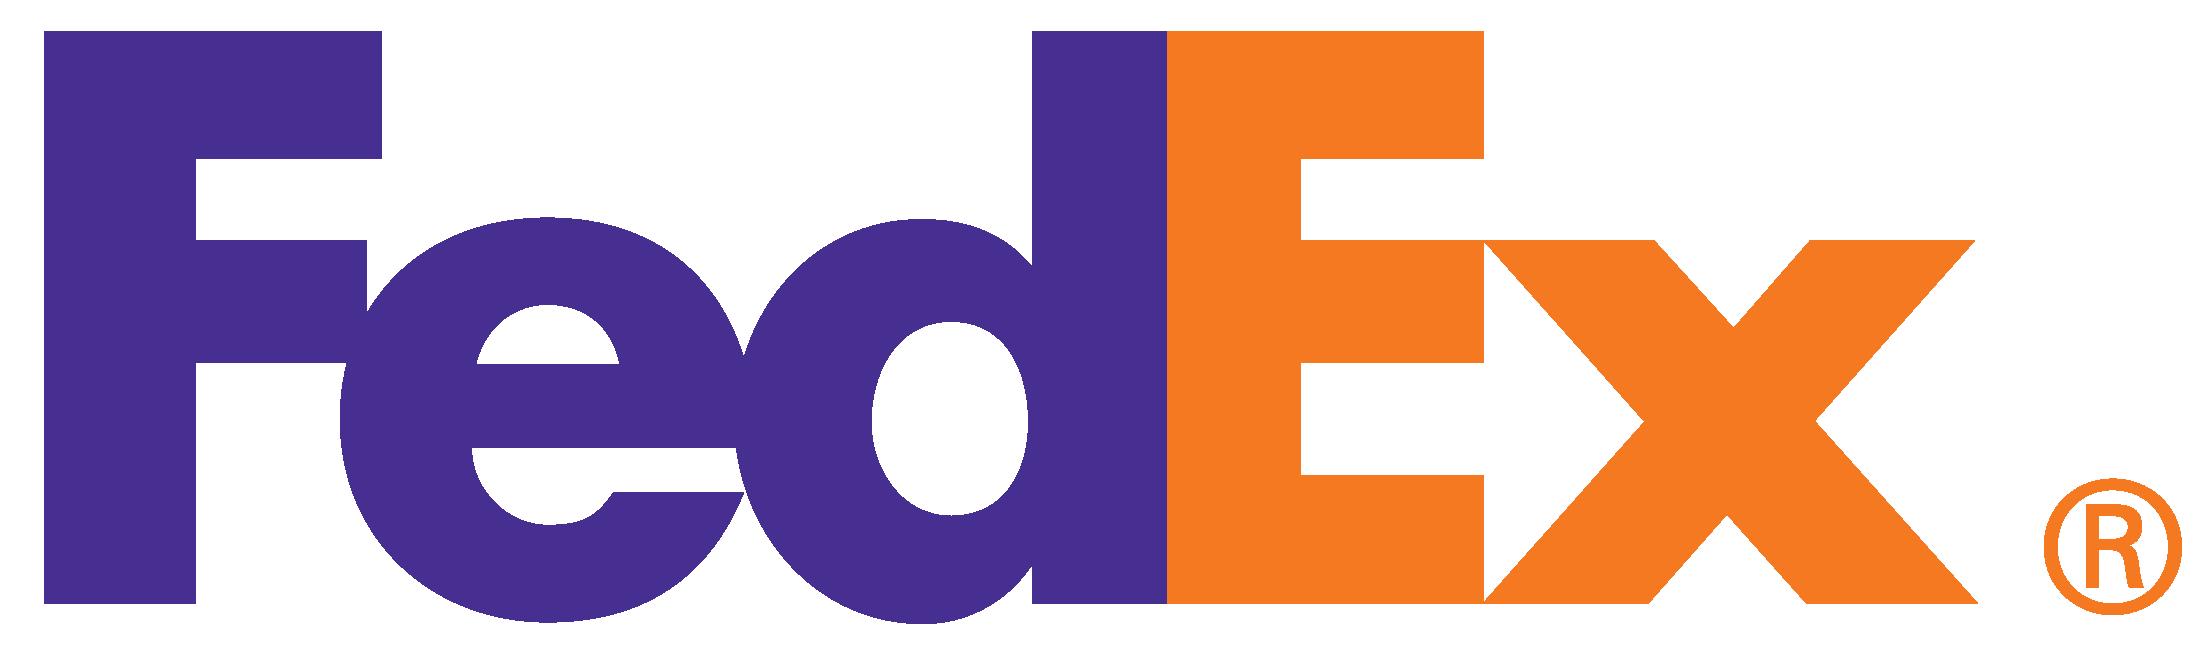 FedEx Economy